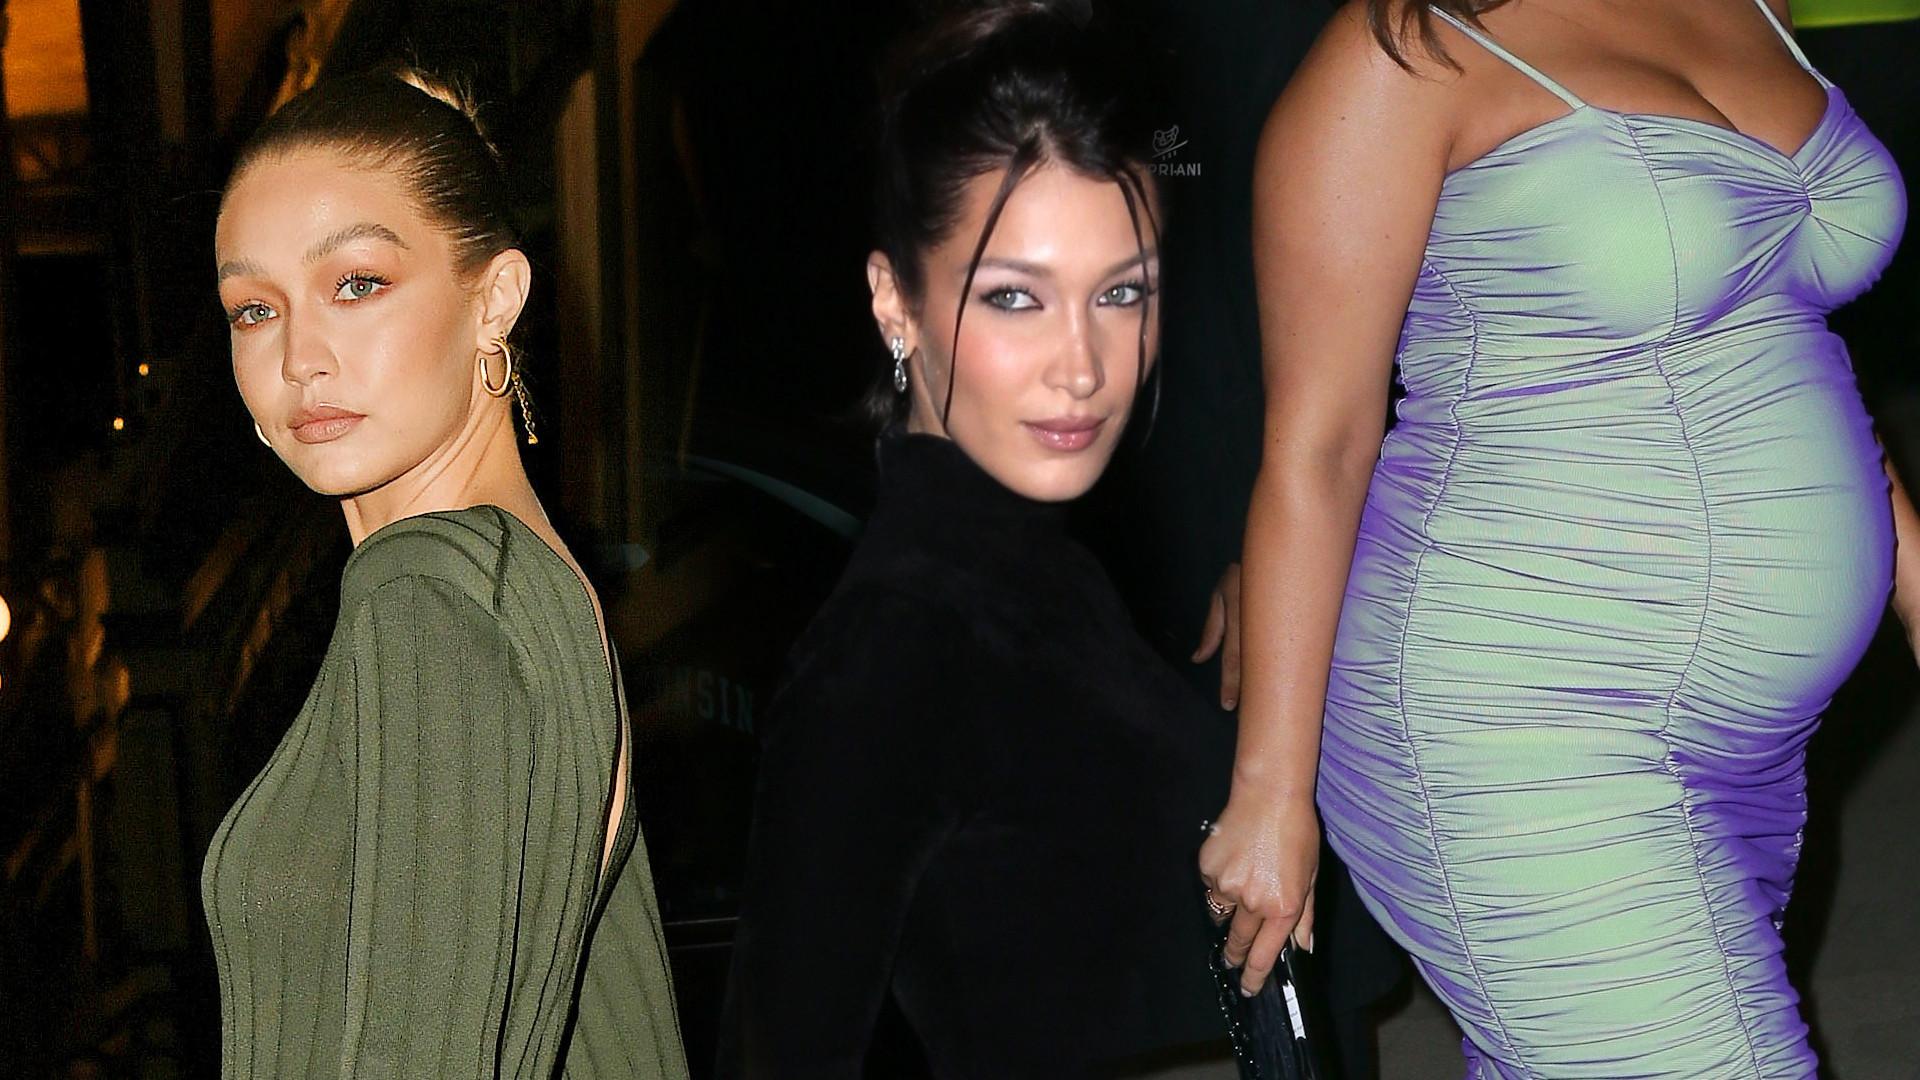 Znane modelki idą na galę Vogue'a (ZDJĘCIA)